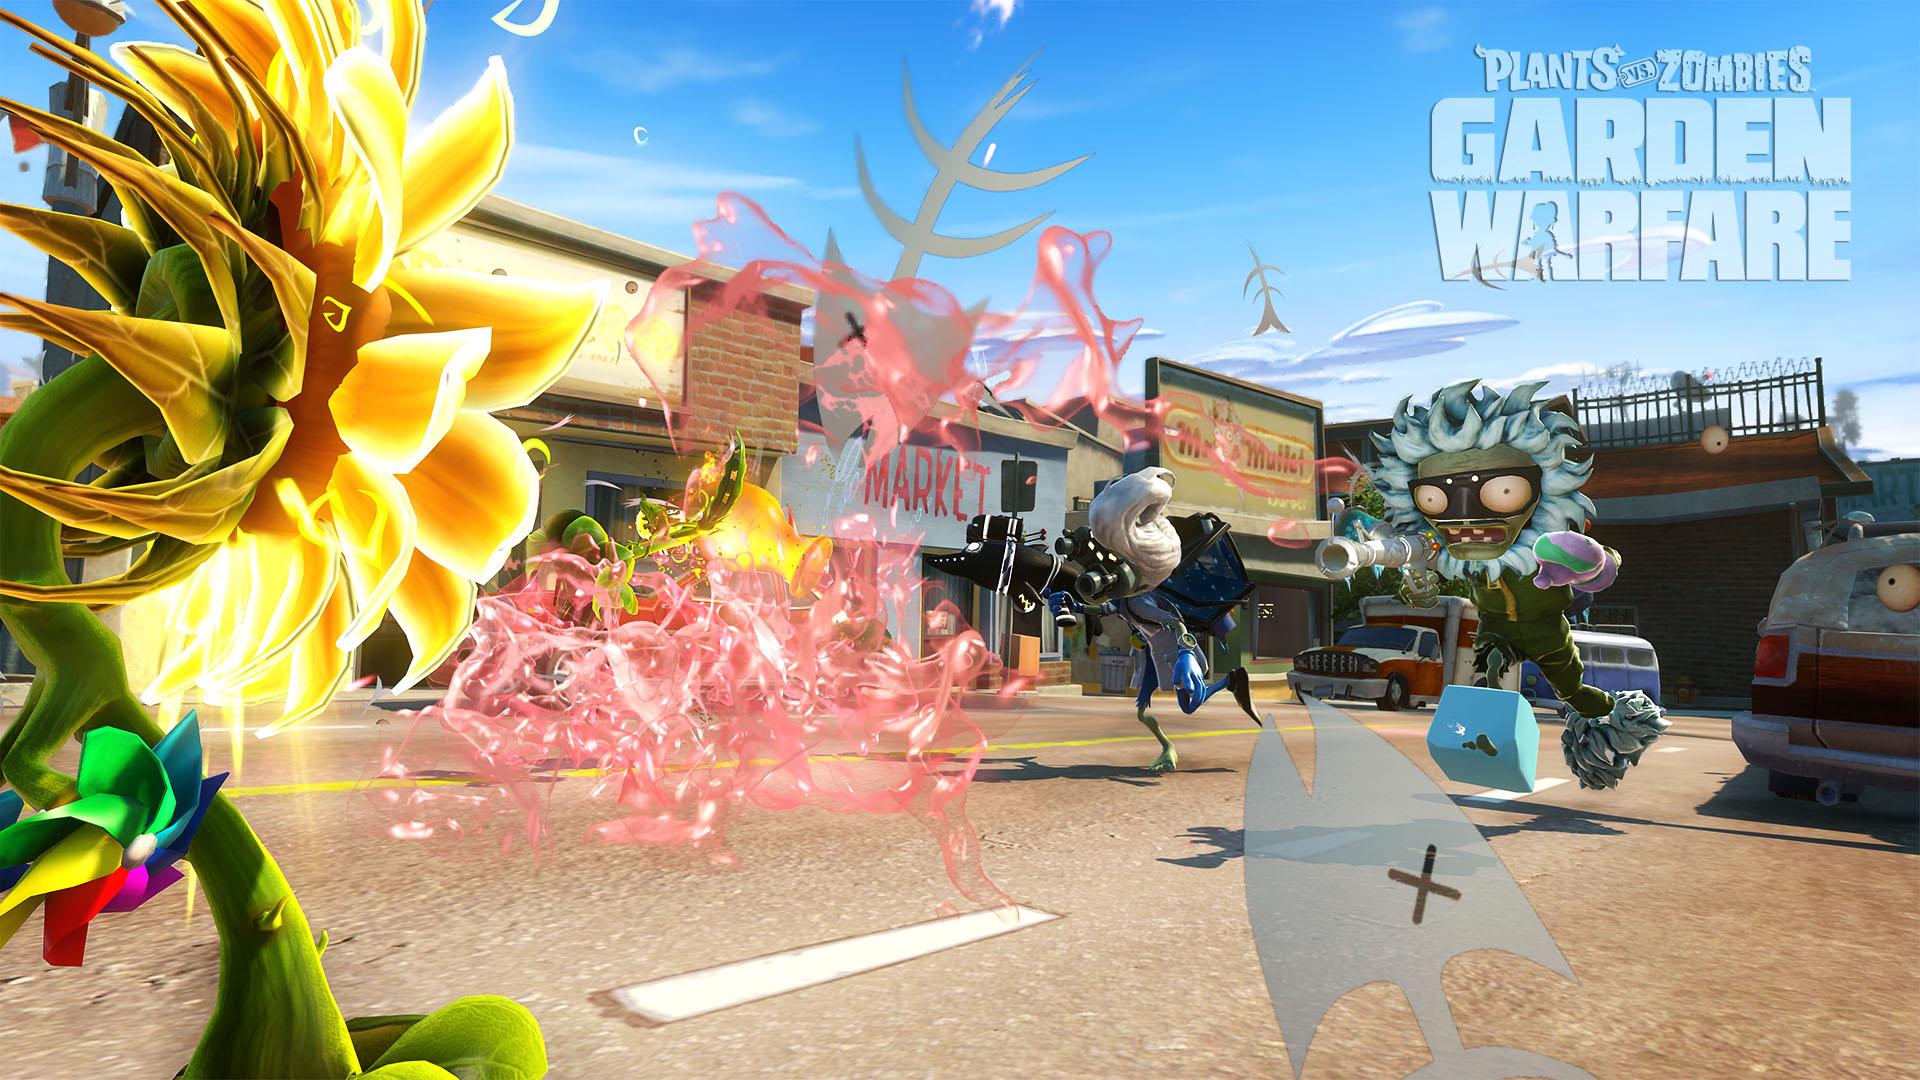 Plants vs zombies garden warfare spieleratgeber nrw - Plants vs zombies garden warfare videos ...